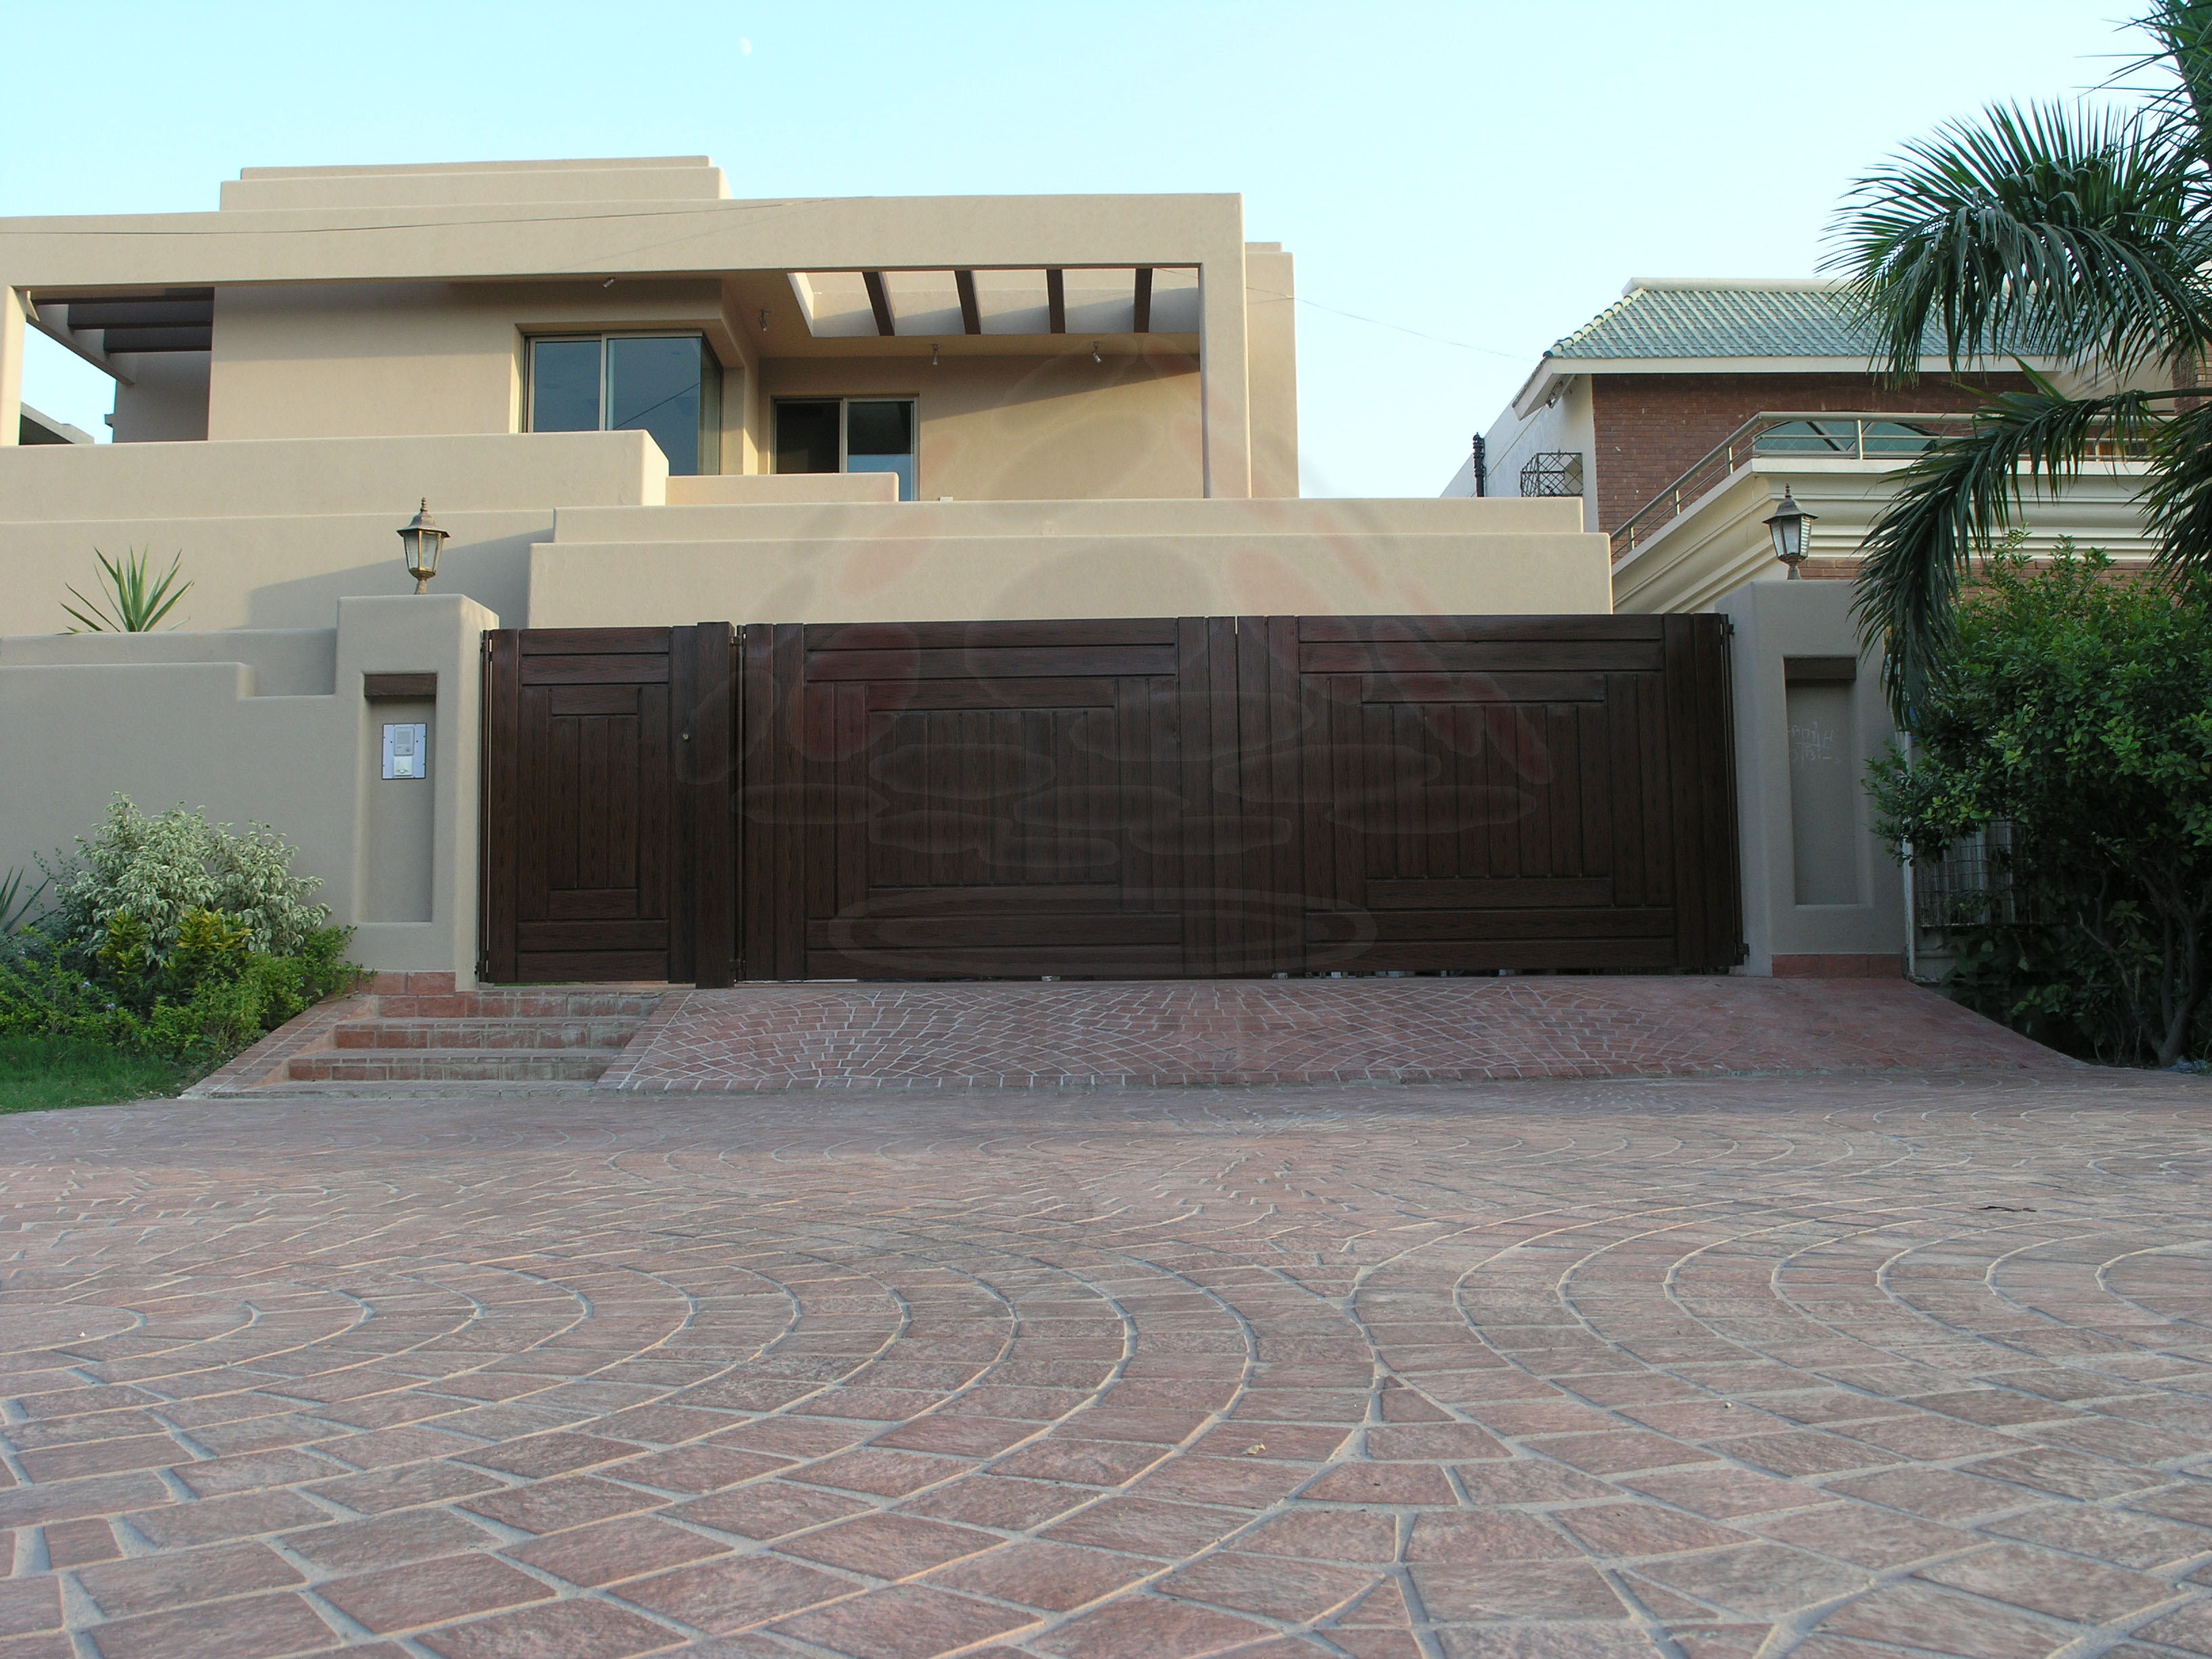 Masood Majeed Khan House By Image Box At